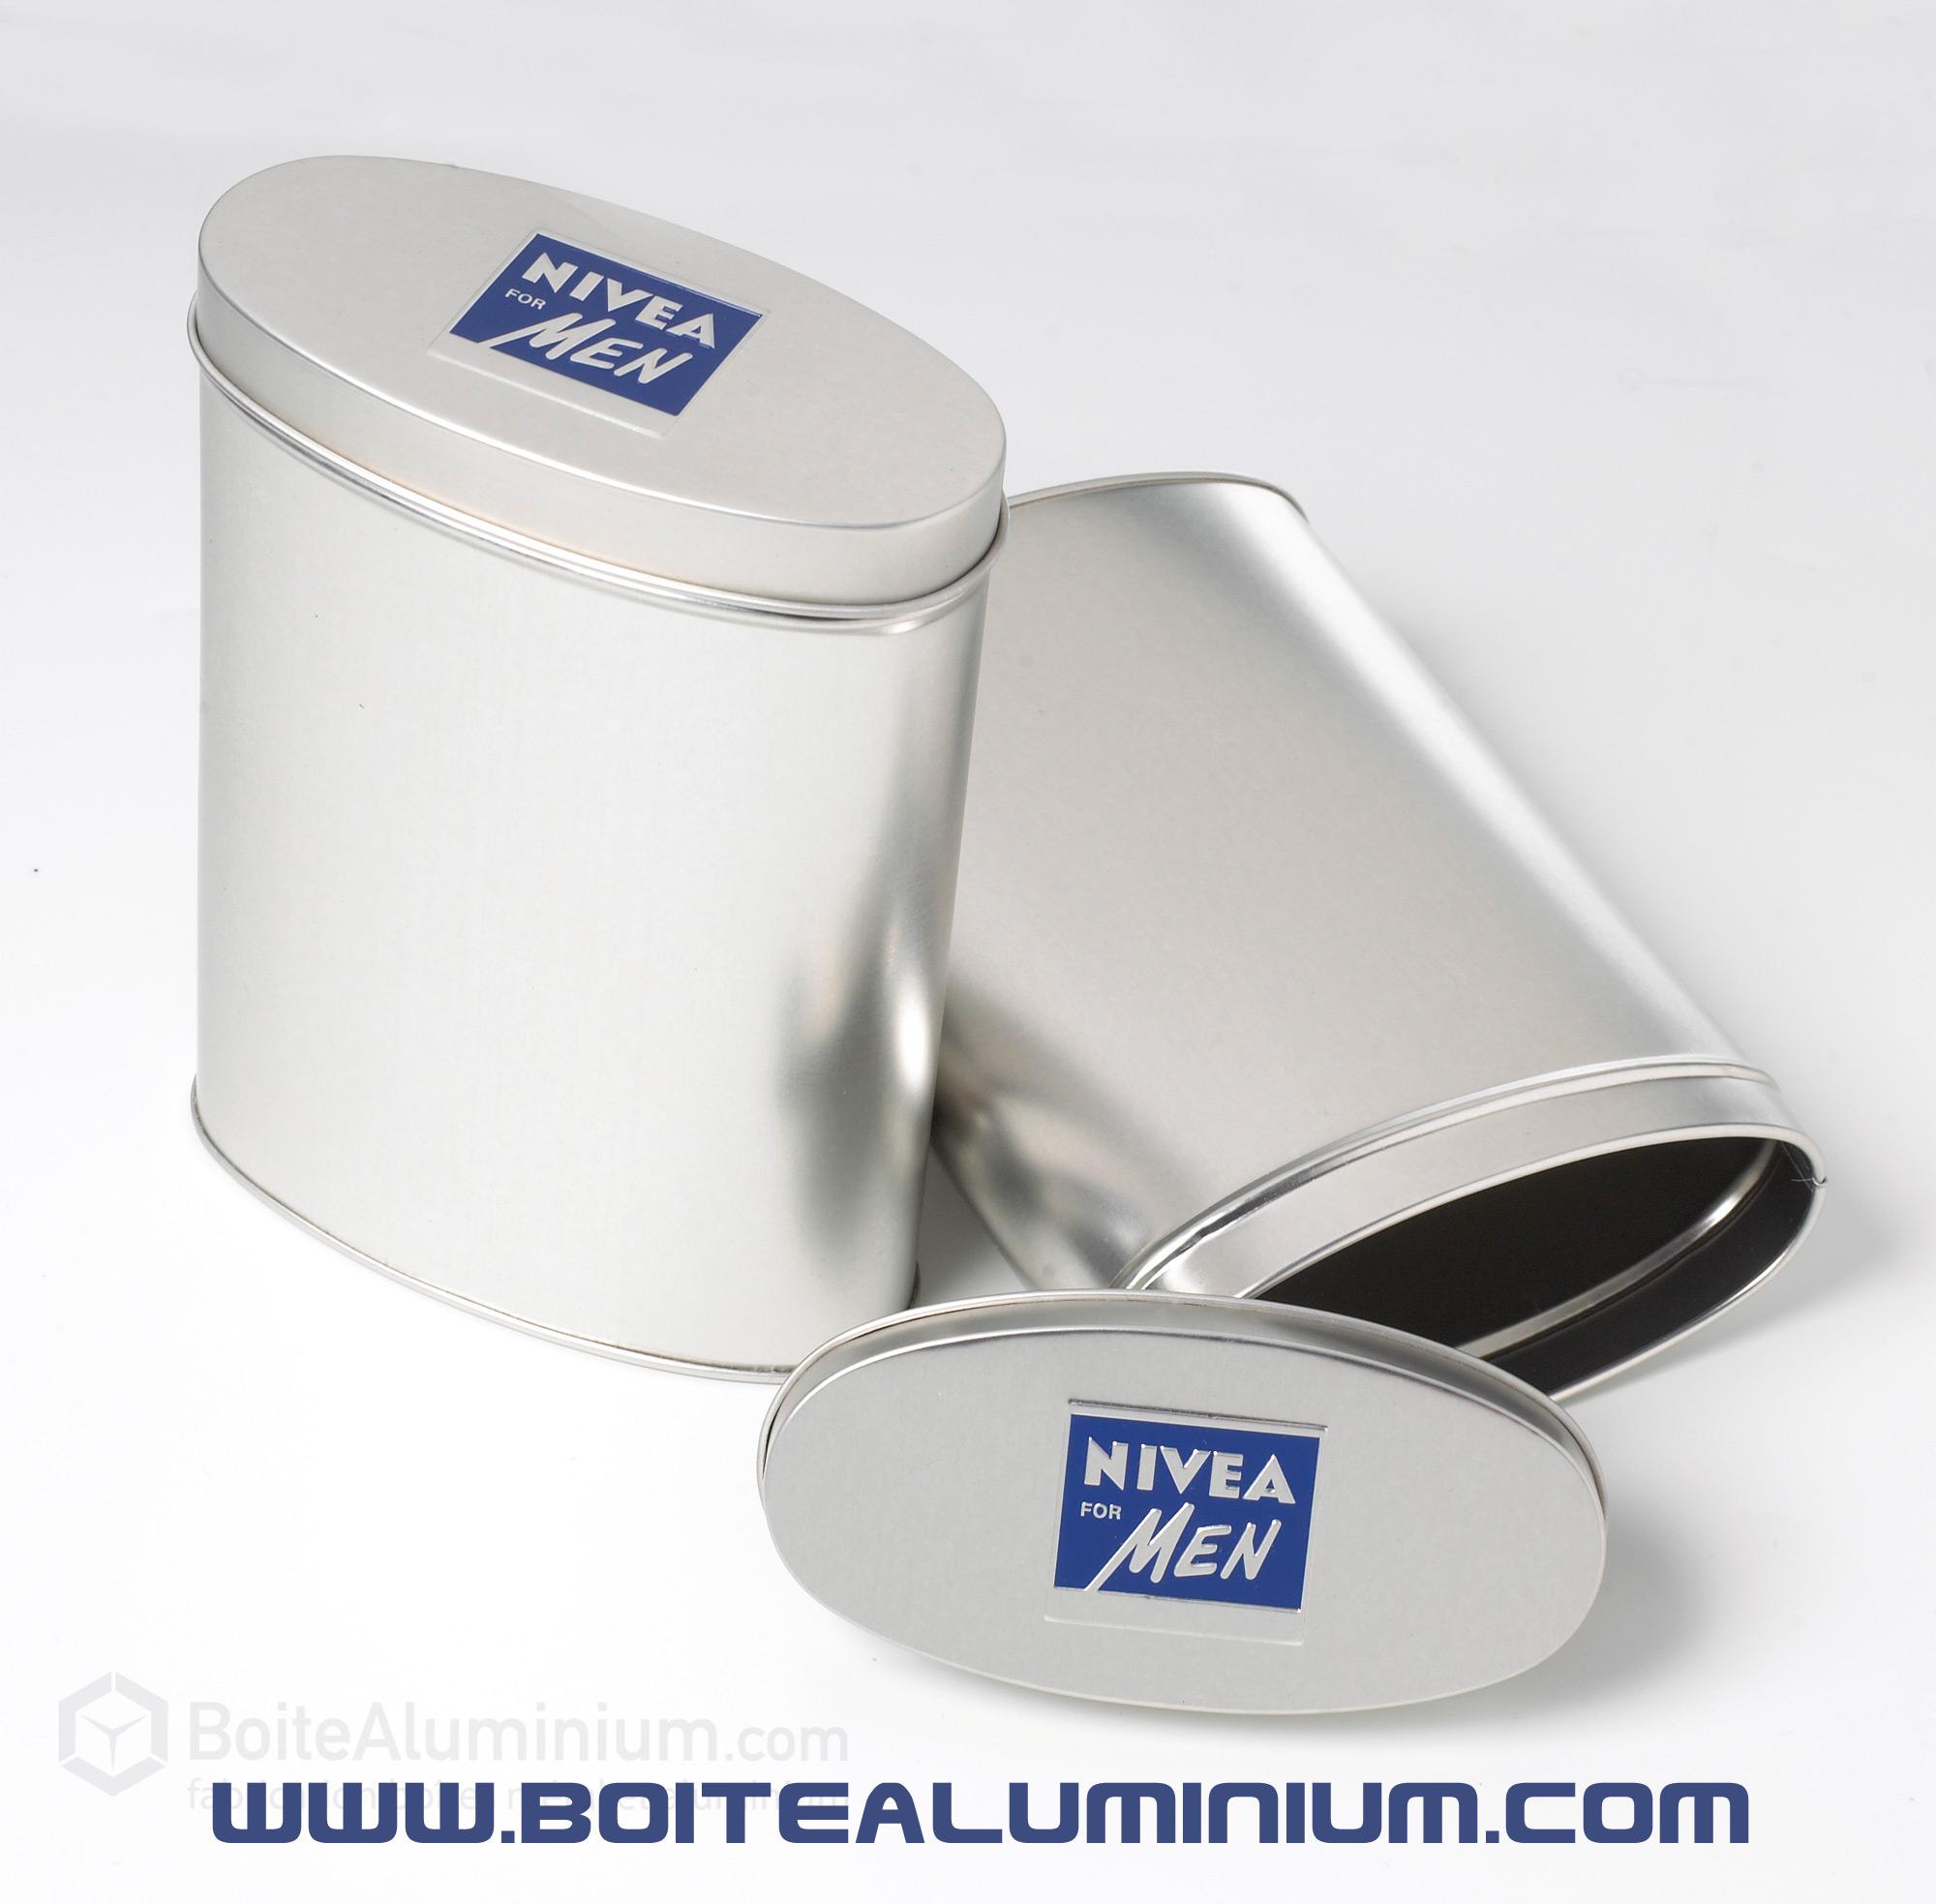 bo te en fer blanc qu 39 est ce que le fer blanc les boites en fer blanc sont utilis es dans. Black Bedroom Furniture Sets. Home Design Ideas